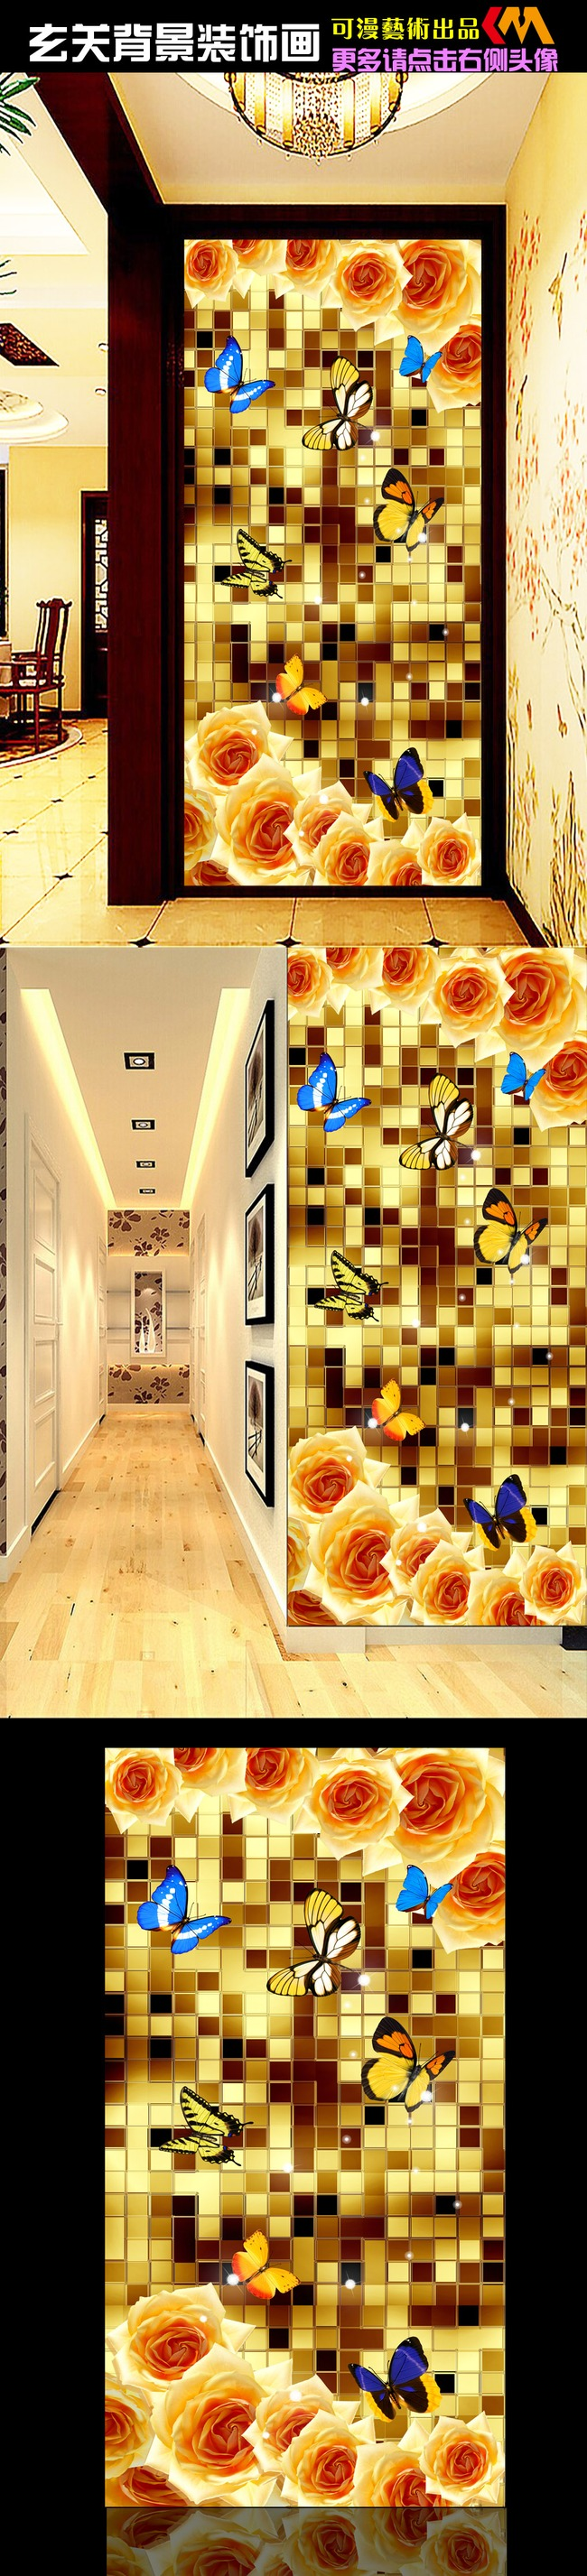 现代简约 欧式 艺术玻璃 蝴蝶 玫瑰花 说明:3d金色马赛克华丽高清玄关